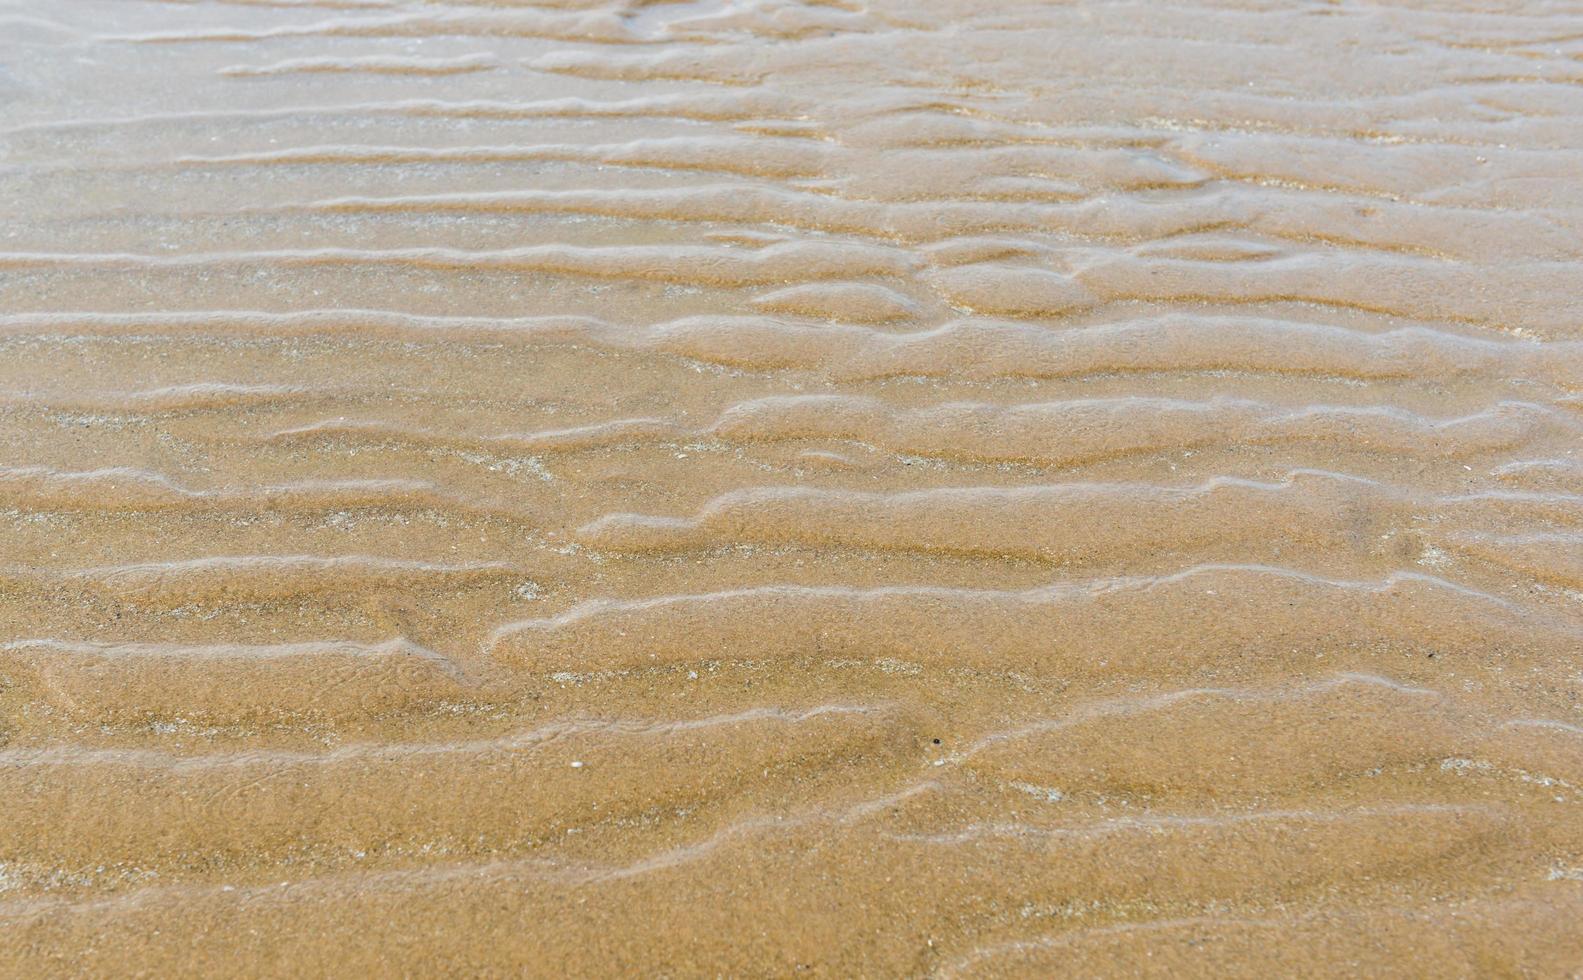 sand natur textur. våg av sand textur nära stranden foto